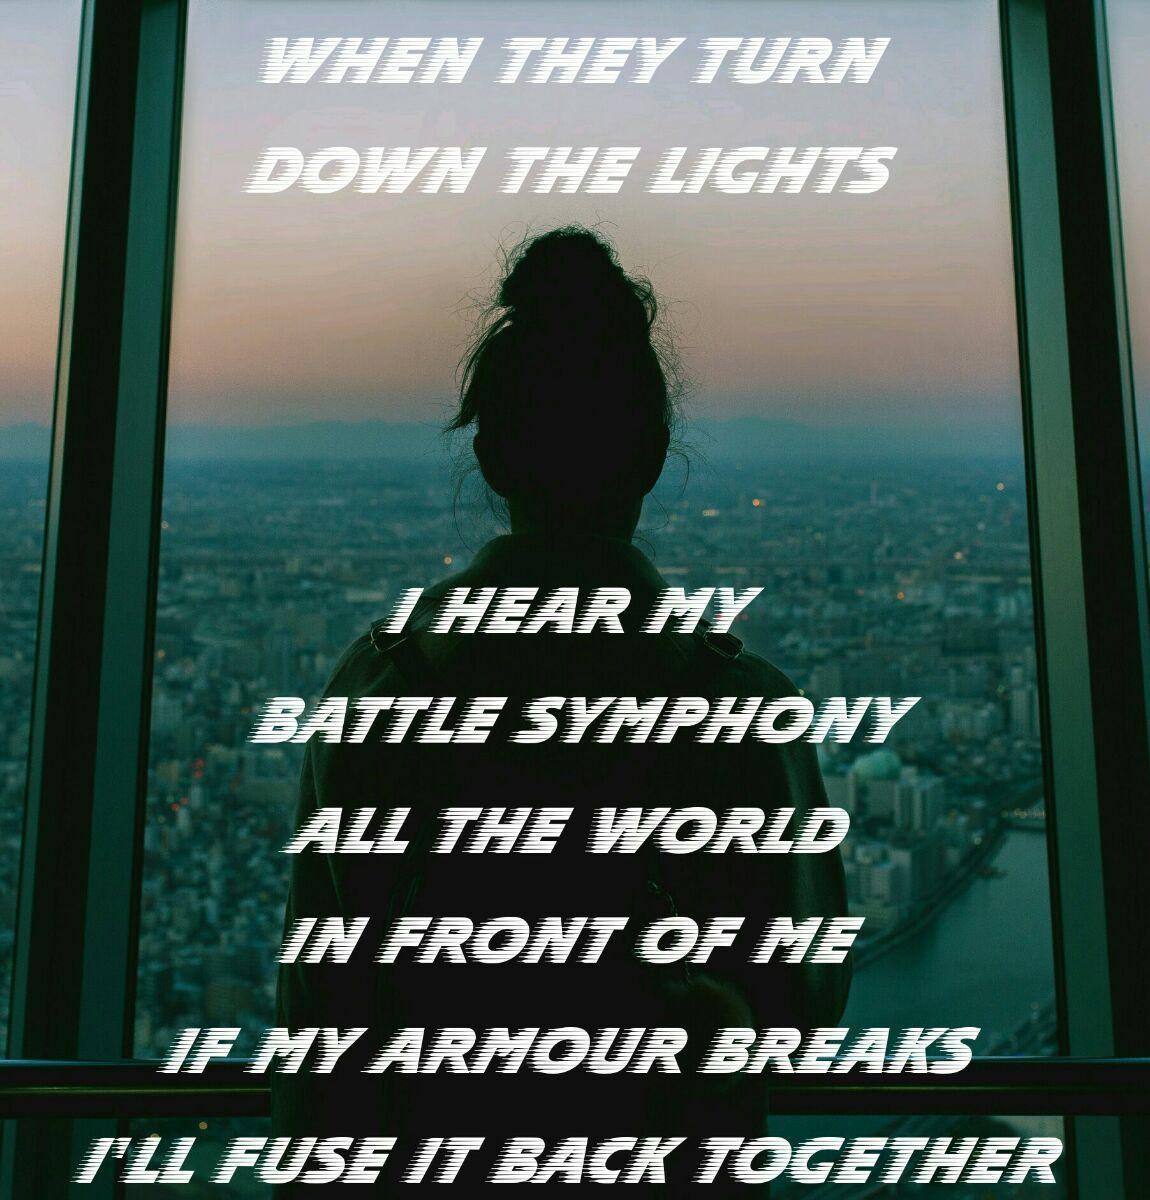 Battle symphony -Linkin Park | Song lyrics | Song lyric